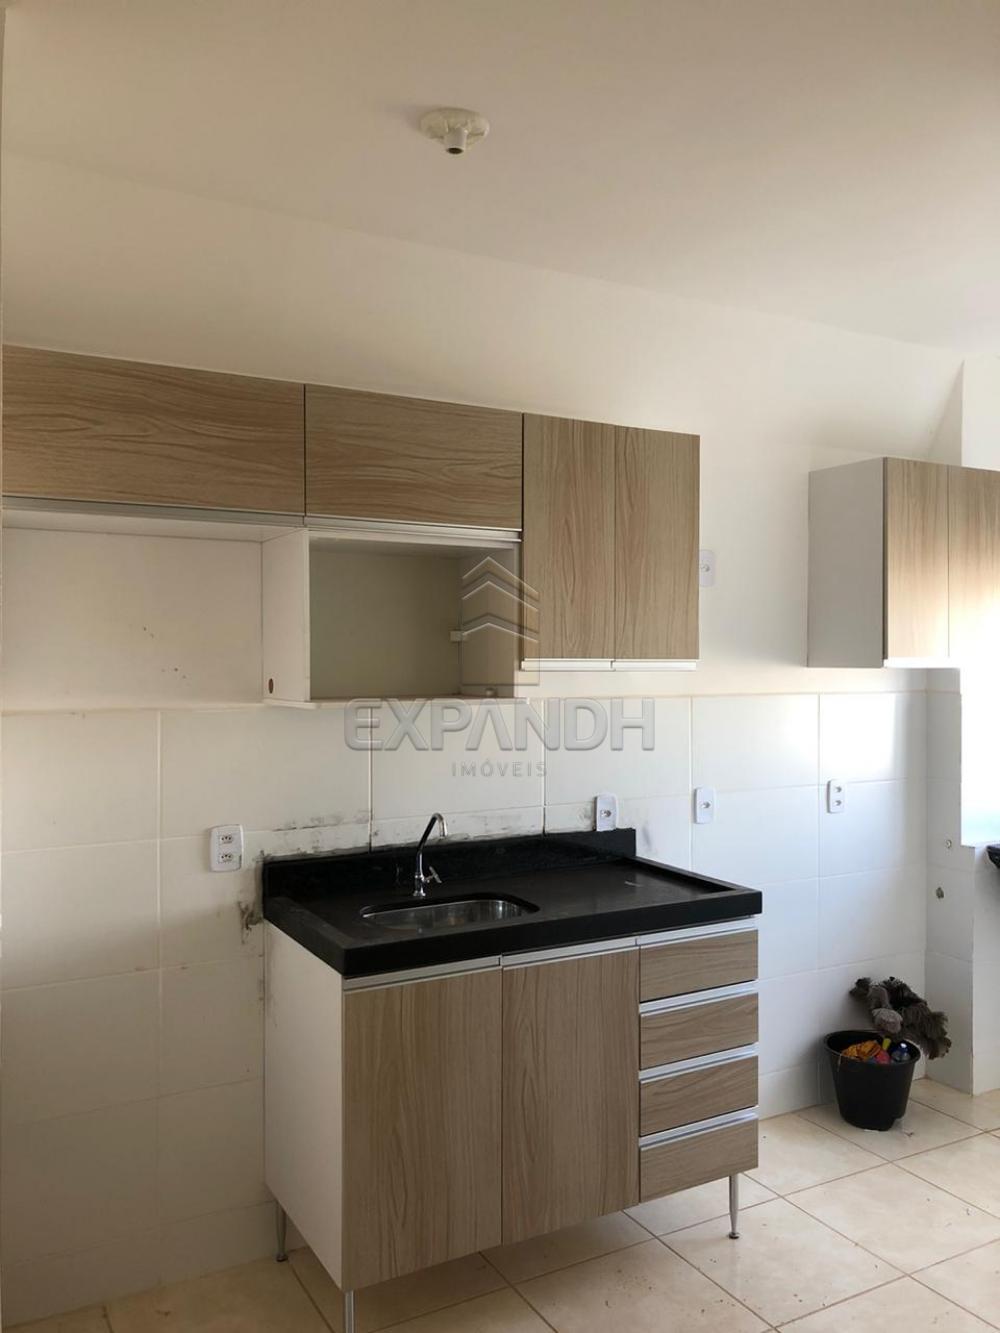 Alugar Apartamentos / Padrão em Sertãozinho apenas R$ 600,00 - Foto 37